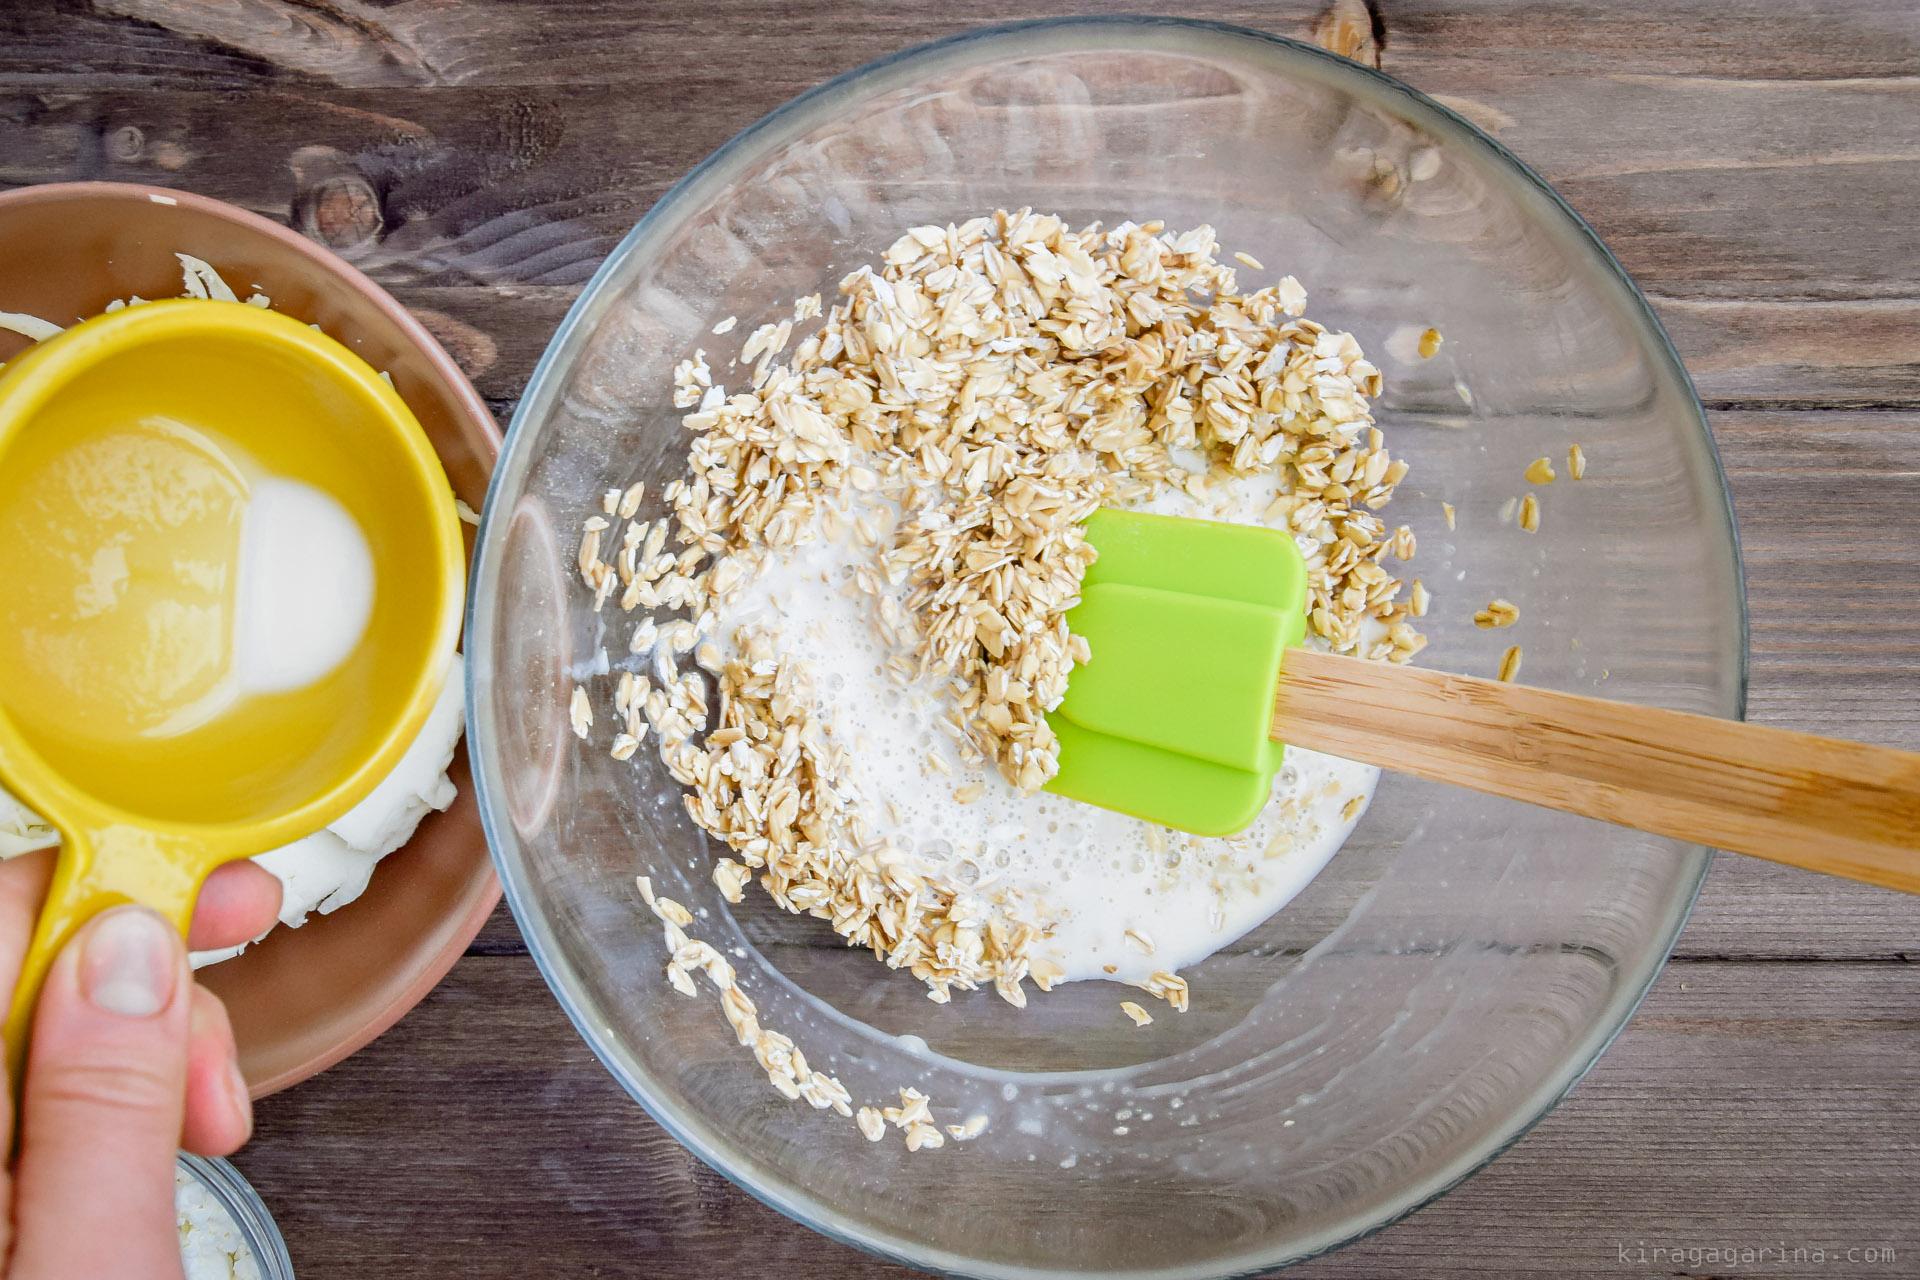 рецепт питания для похудения в домашних условиях